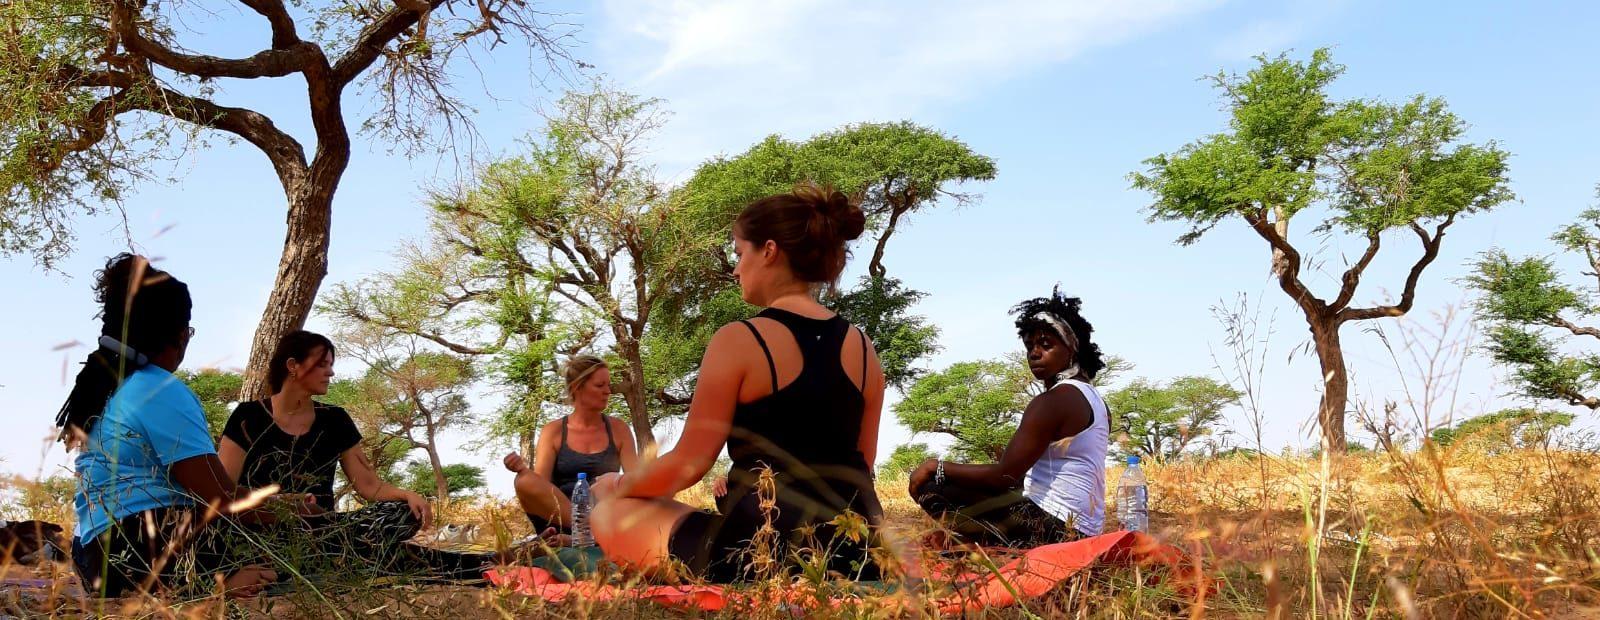 yogavakantie Senegal - yogasessie in Keur Hassan onder de bomen